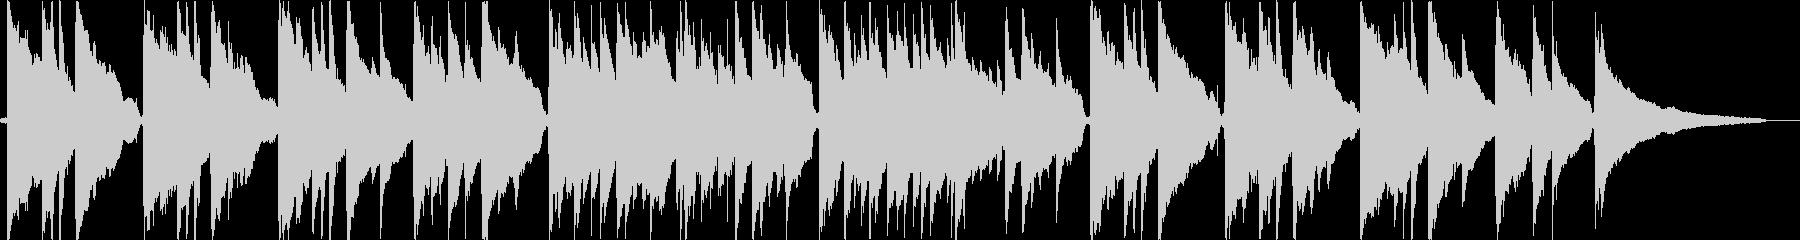 ノストラジックなアコギバラードの未再生の波形